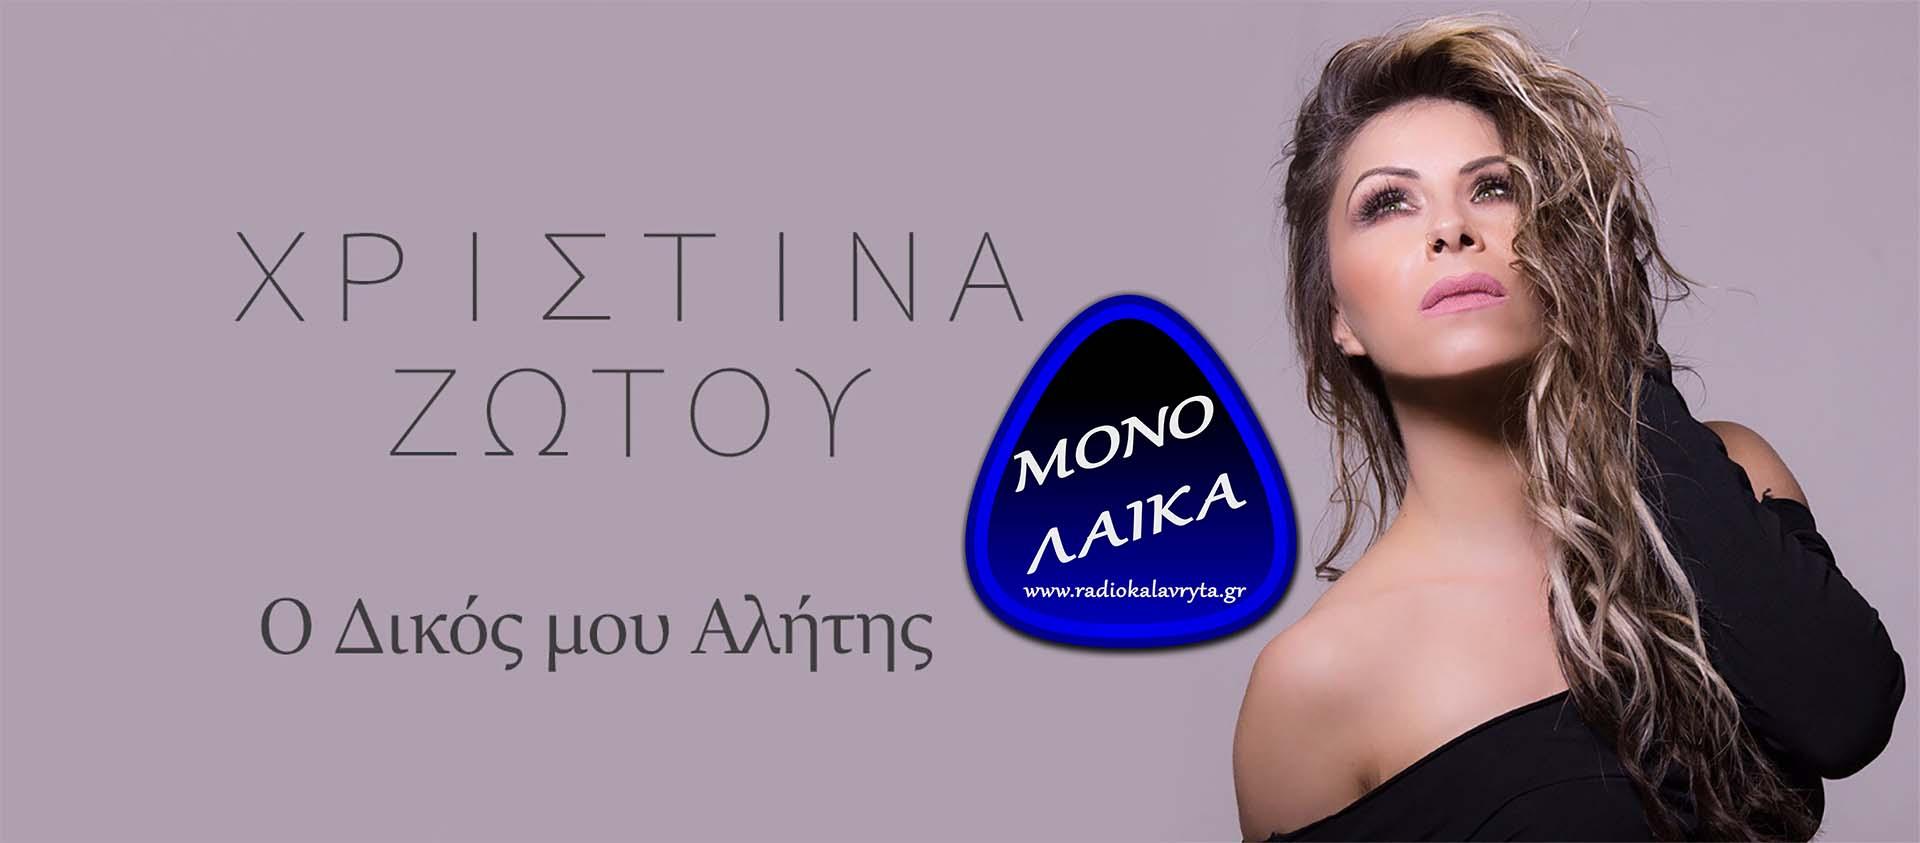 mono laika μονο λαικα ΜΟΝΟ ΛΑΙΚΑ